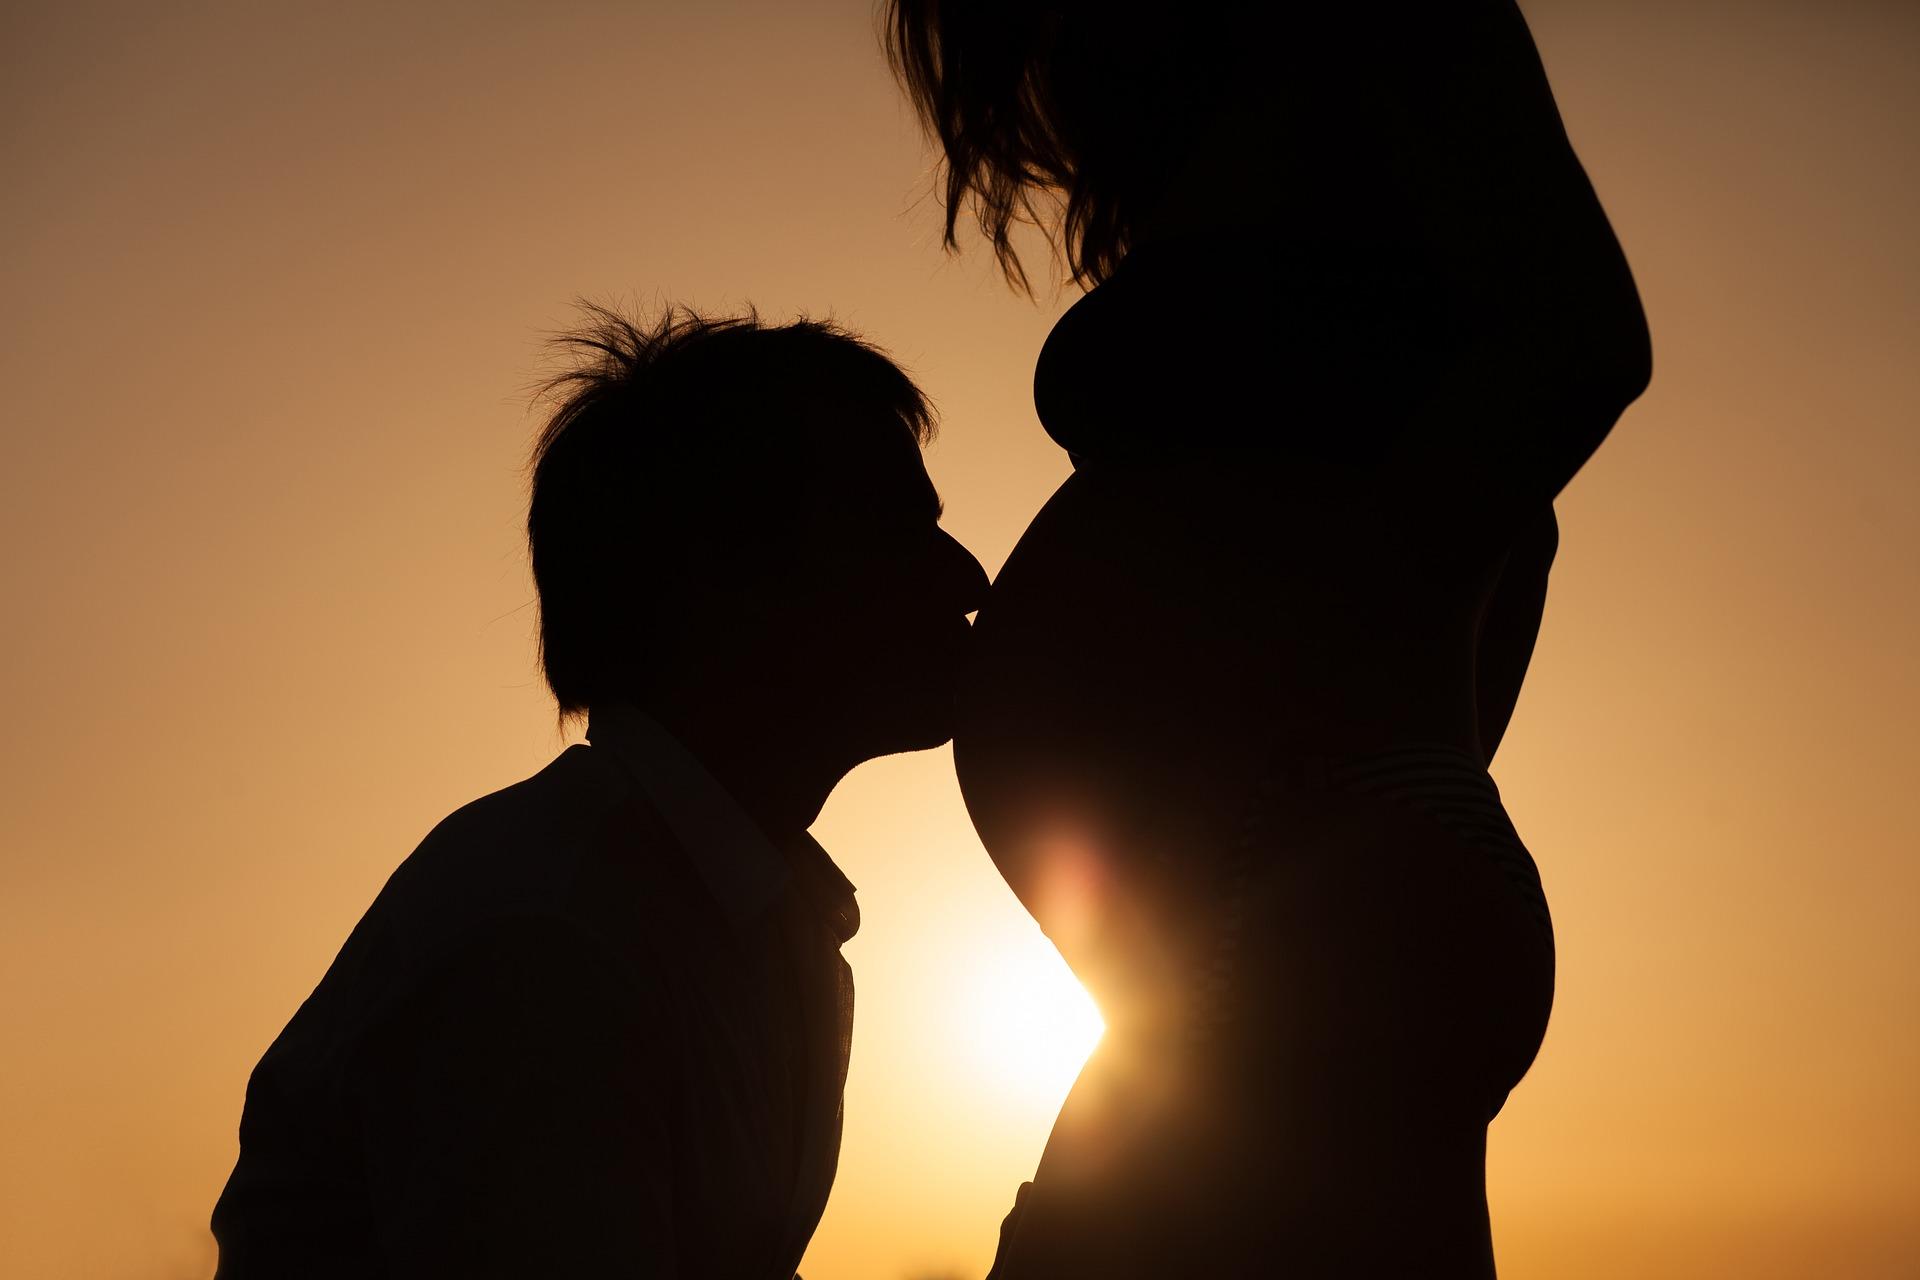 妊婦さんのまわりへの理解